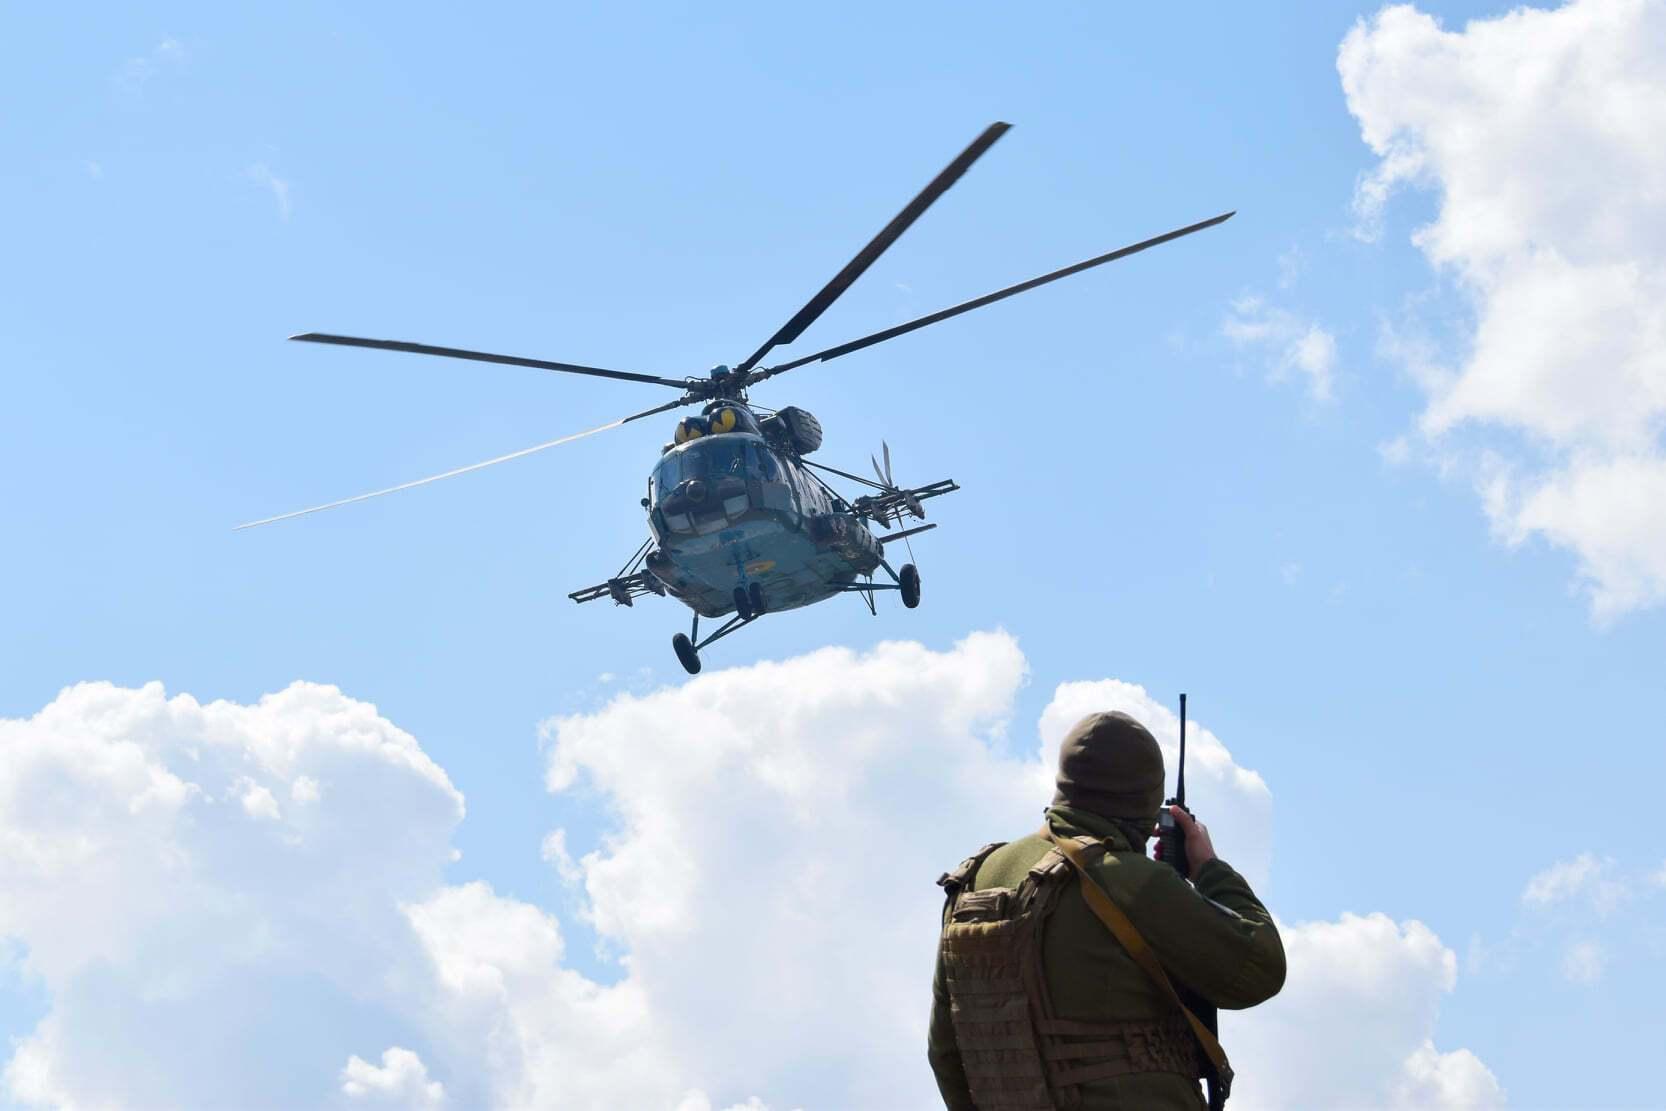 Тренировка вертолетчиков ВСУ проводилась без реального применения авиационного вооружения